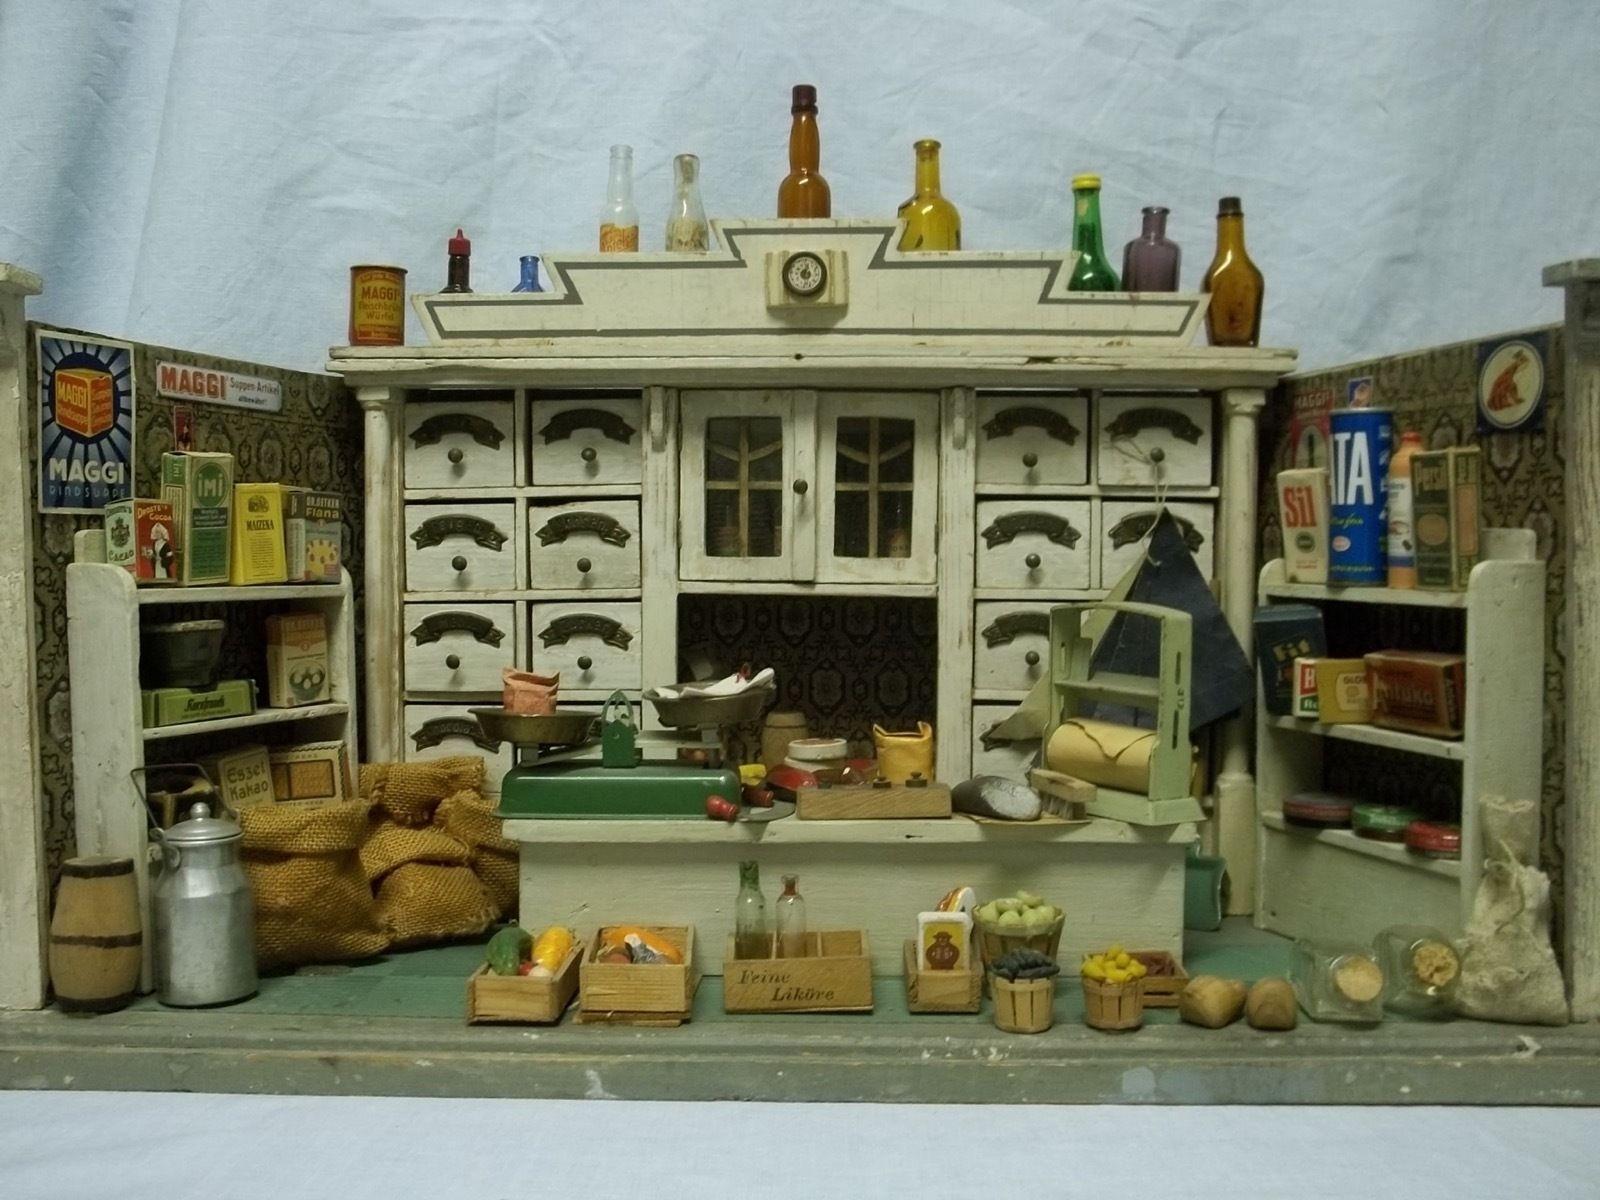 antike gottschalk puppenstube kaufladen tante emma laden mit einrichtung 1920 antique. Black Bedroom Furniture Sets. Home Design Ideas